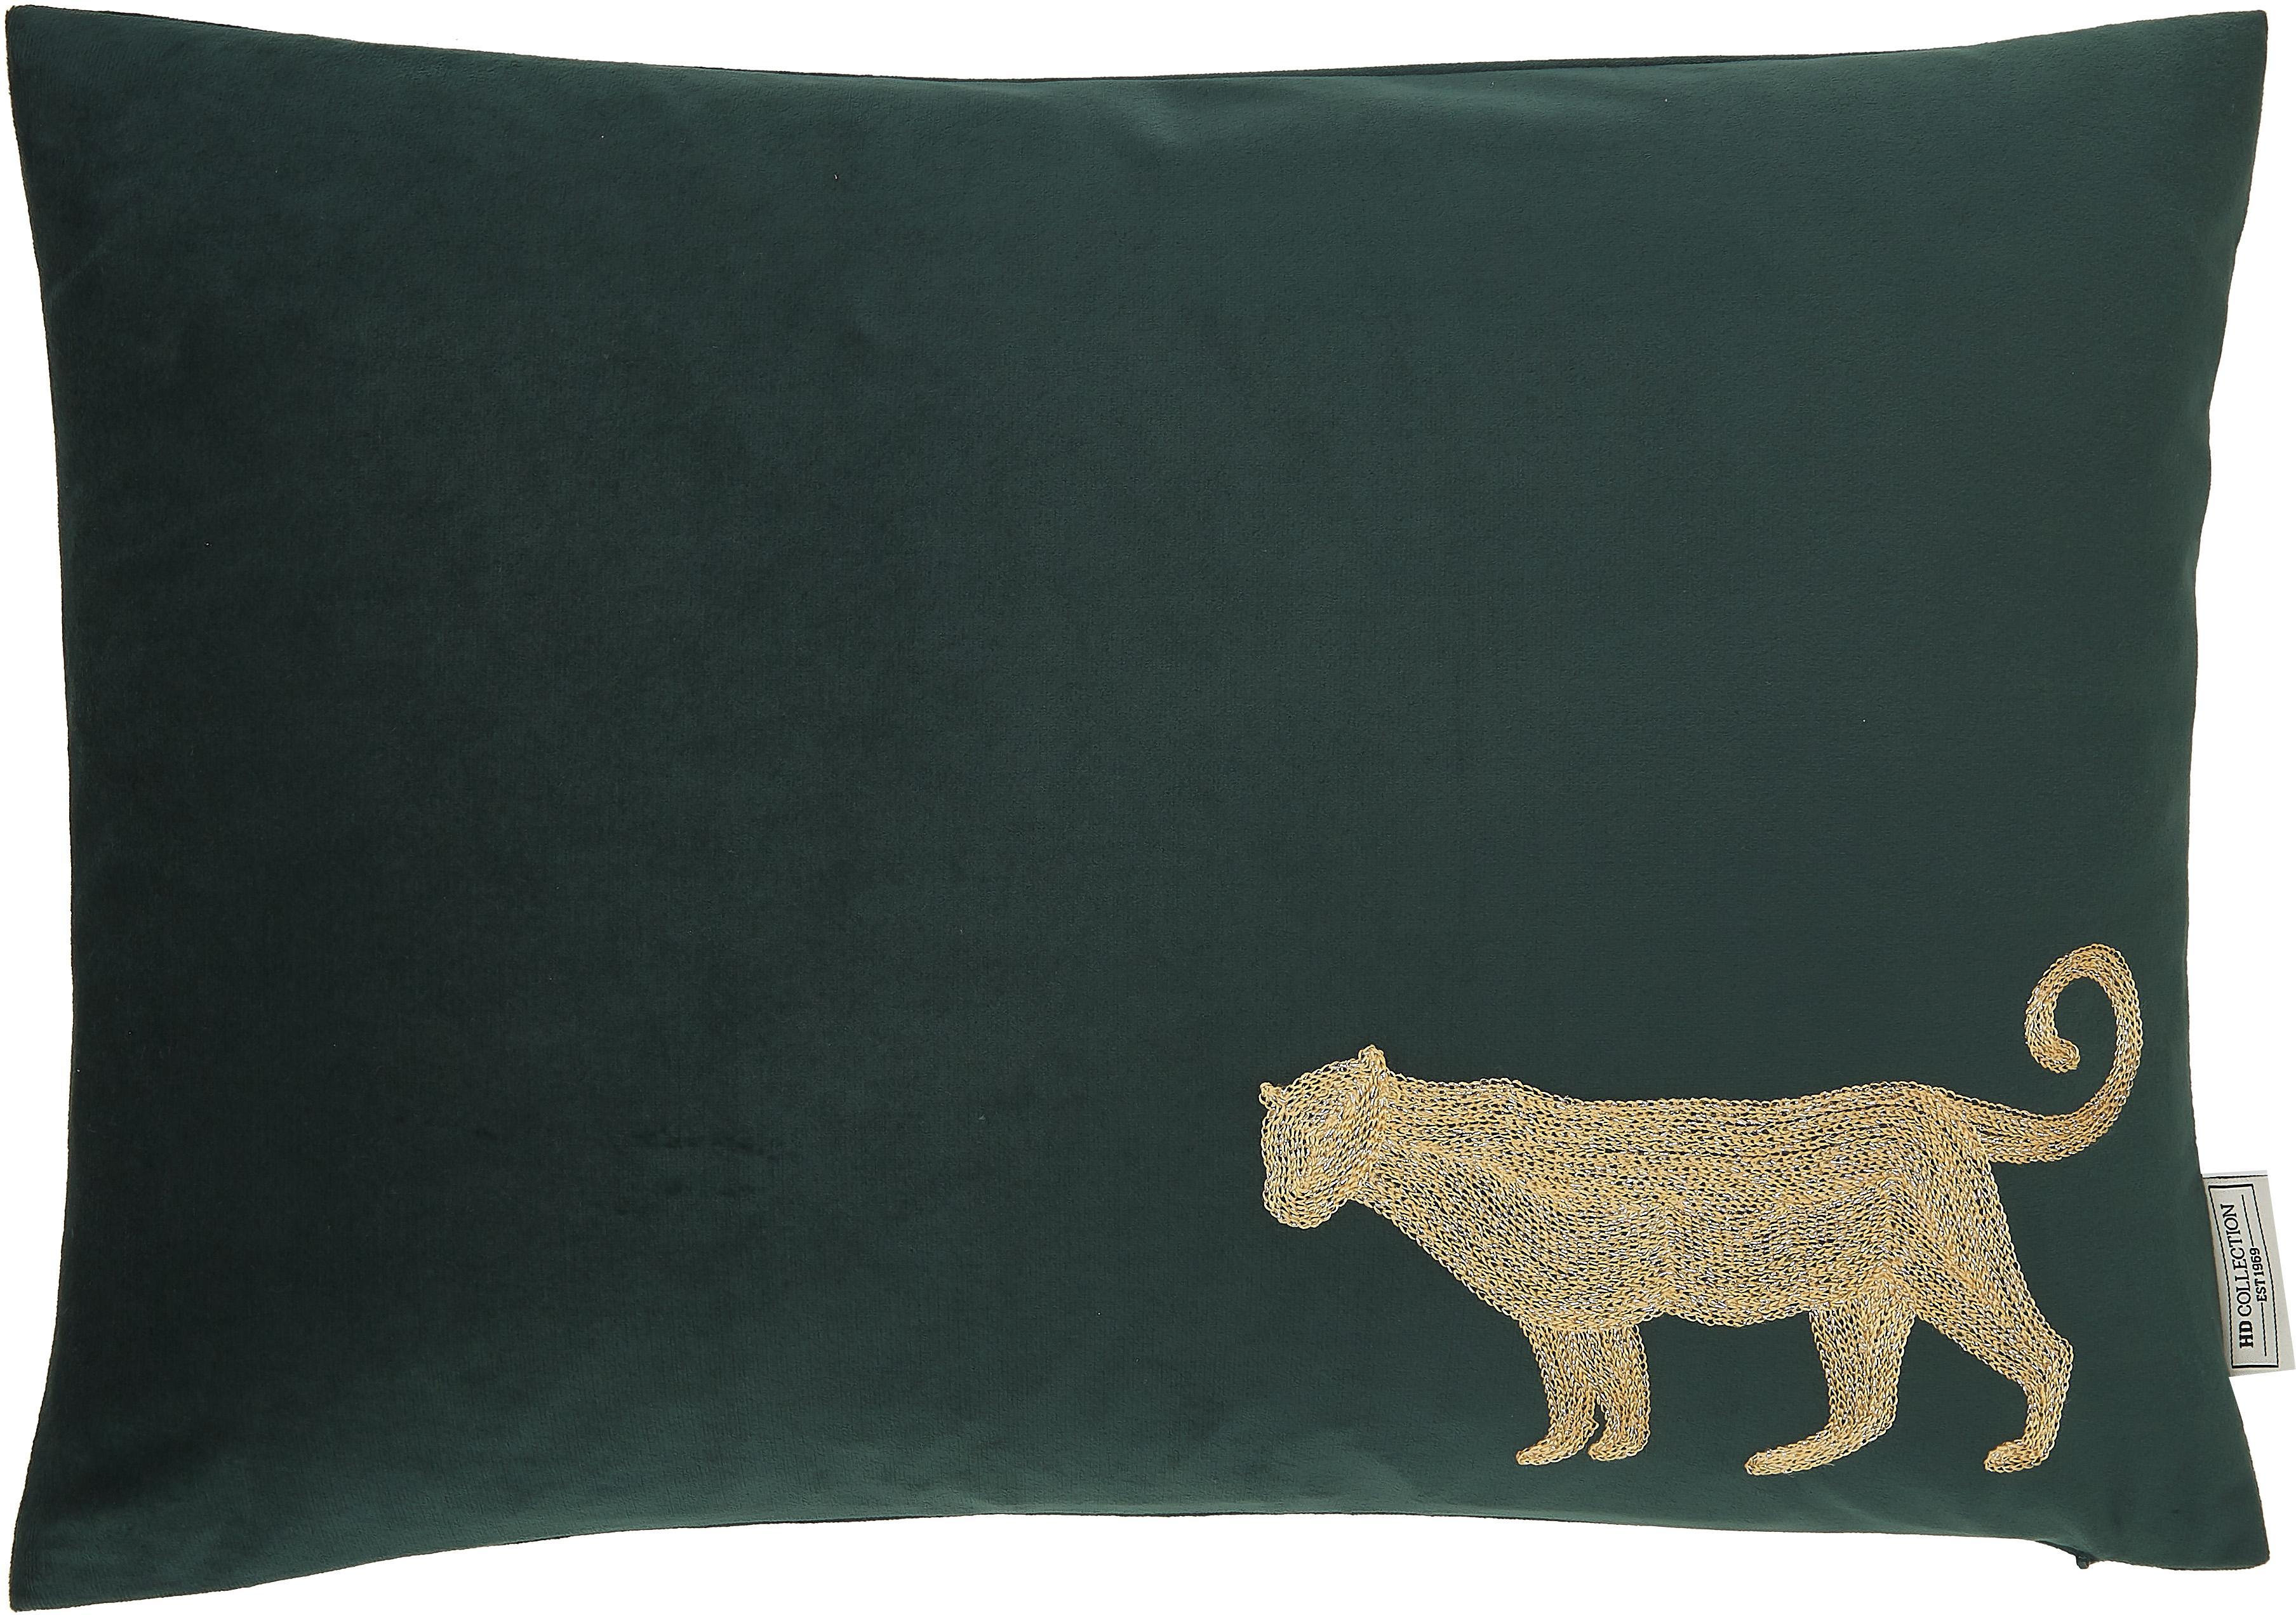 Cojín bordado de terciopeloSingle Leopard, con relleno, 100%terciopelo (poliéster), Verde, dorado, An 40 x L 60 cm